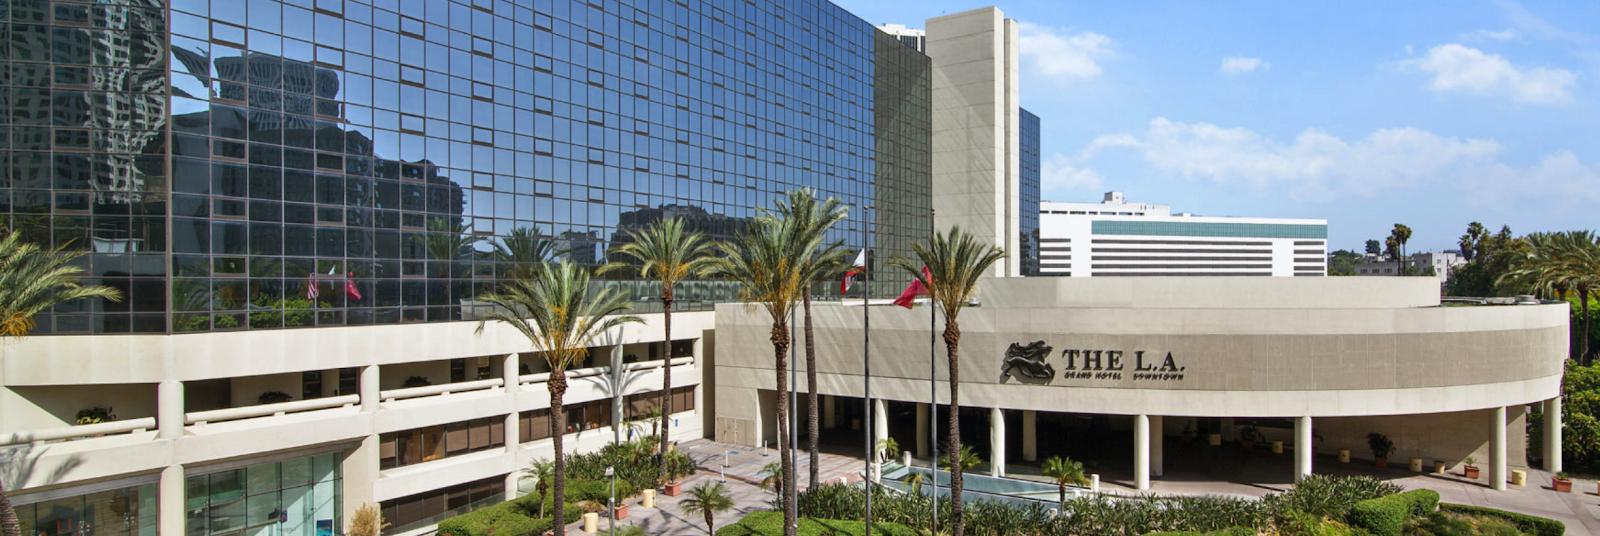 LA Grand Hotel Downtown